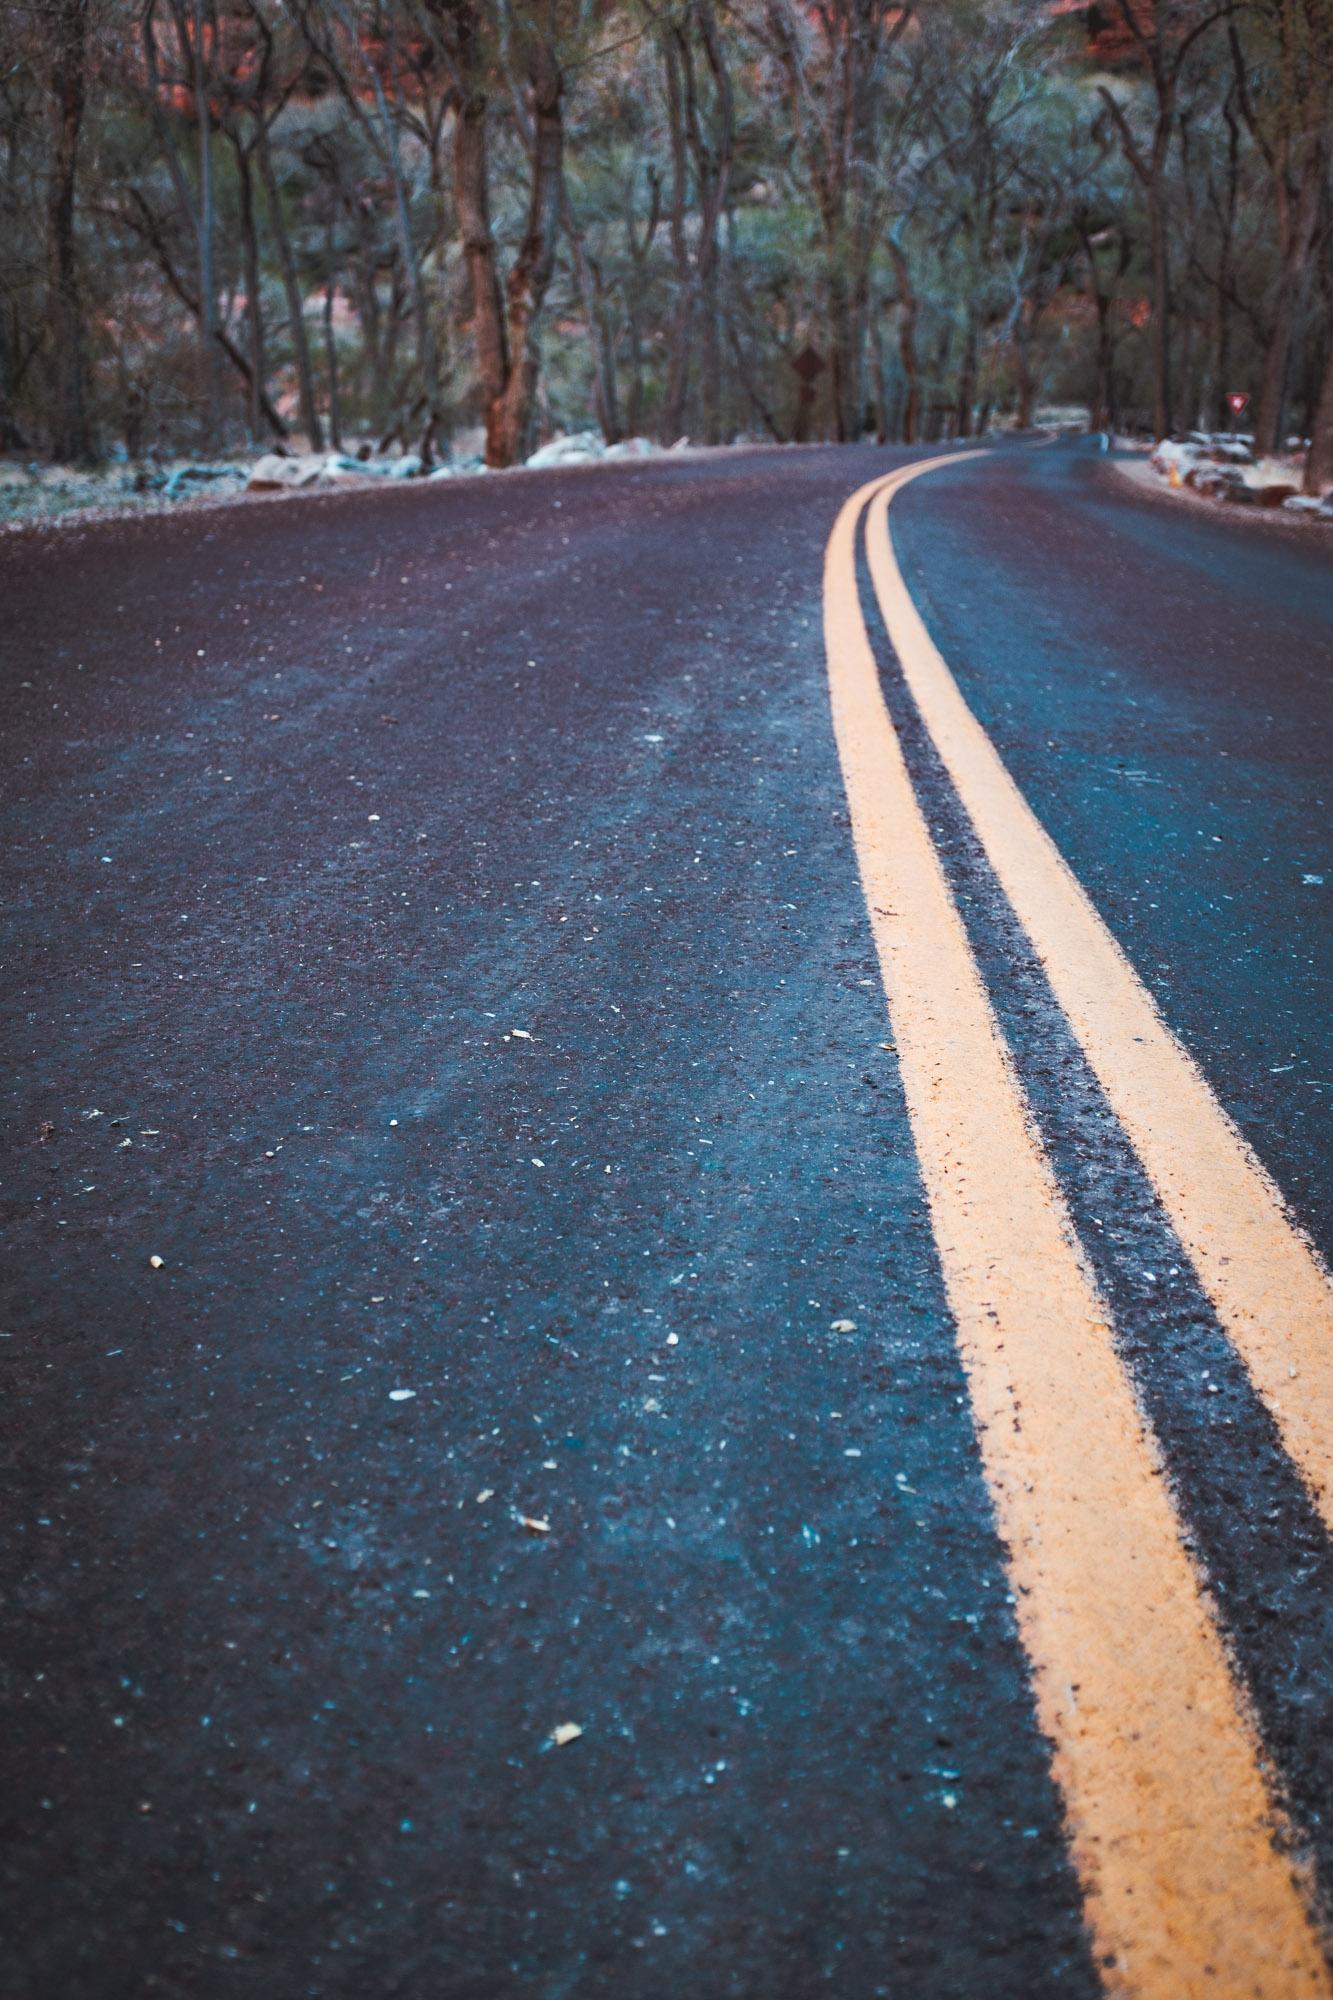 road-zion-national-park-utah